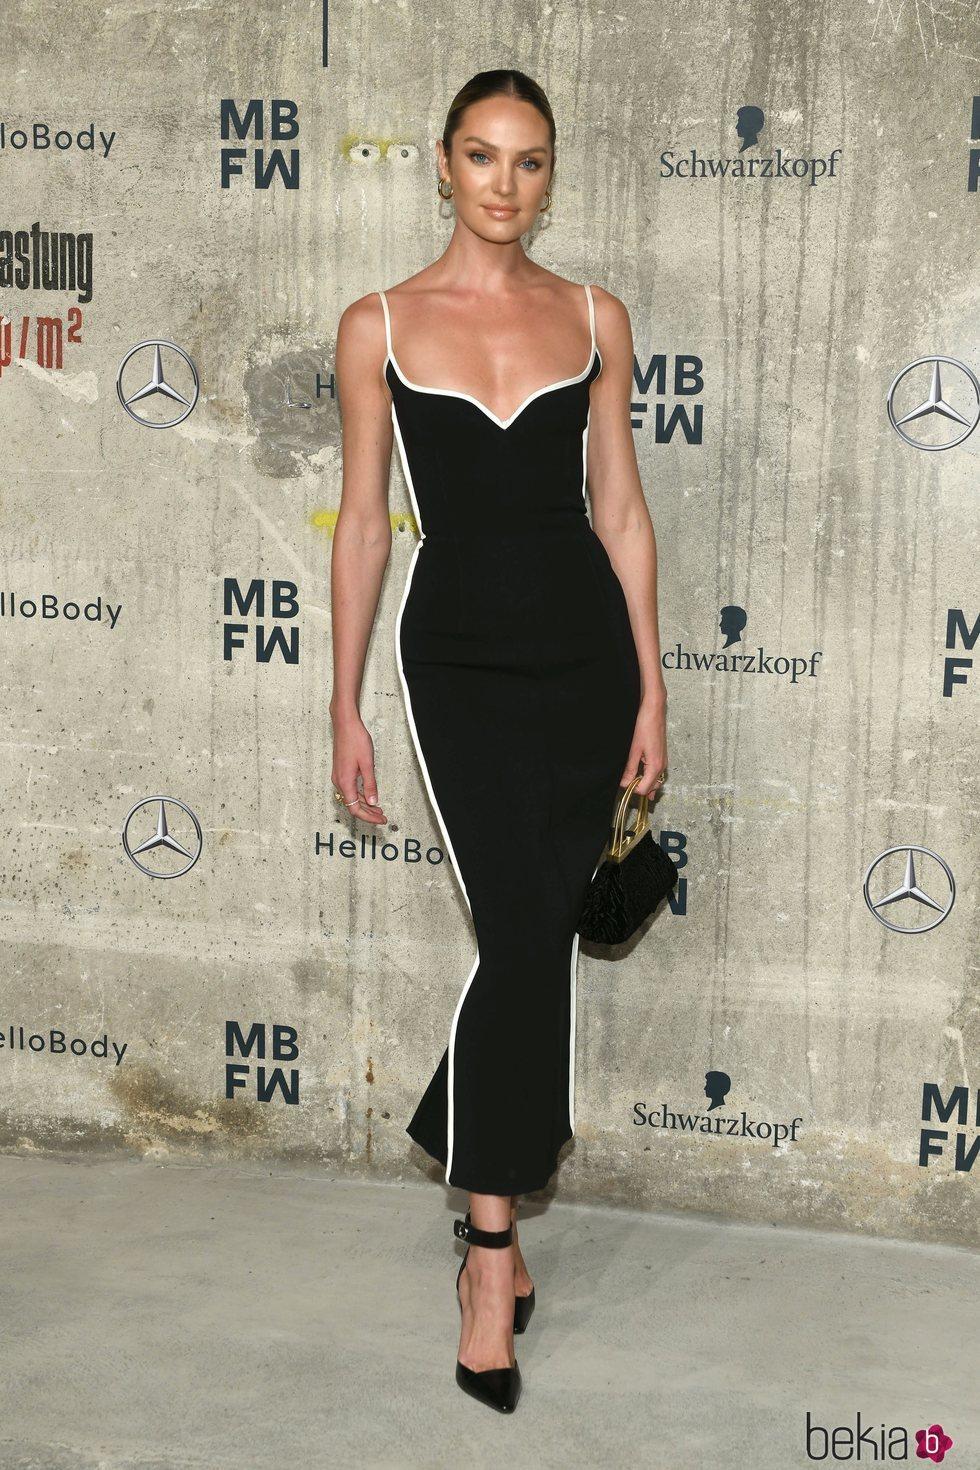 Candice Swanepoel luce vestido de corte maxi ajustado en la Fashion Week de Berlín 2020